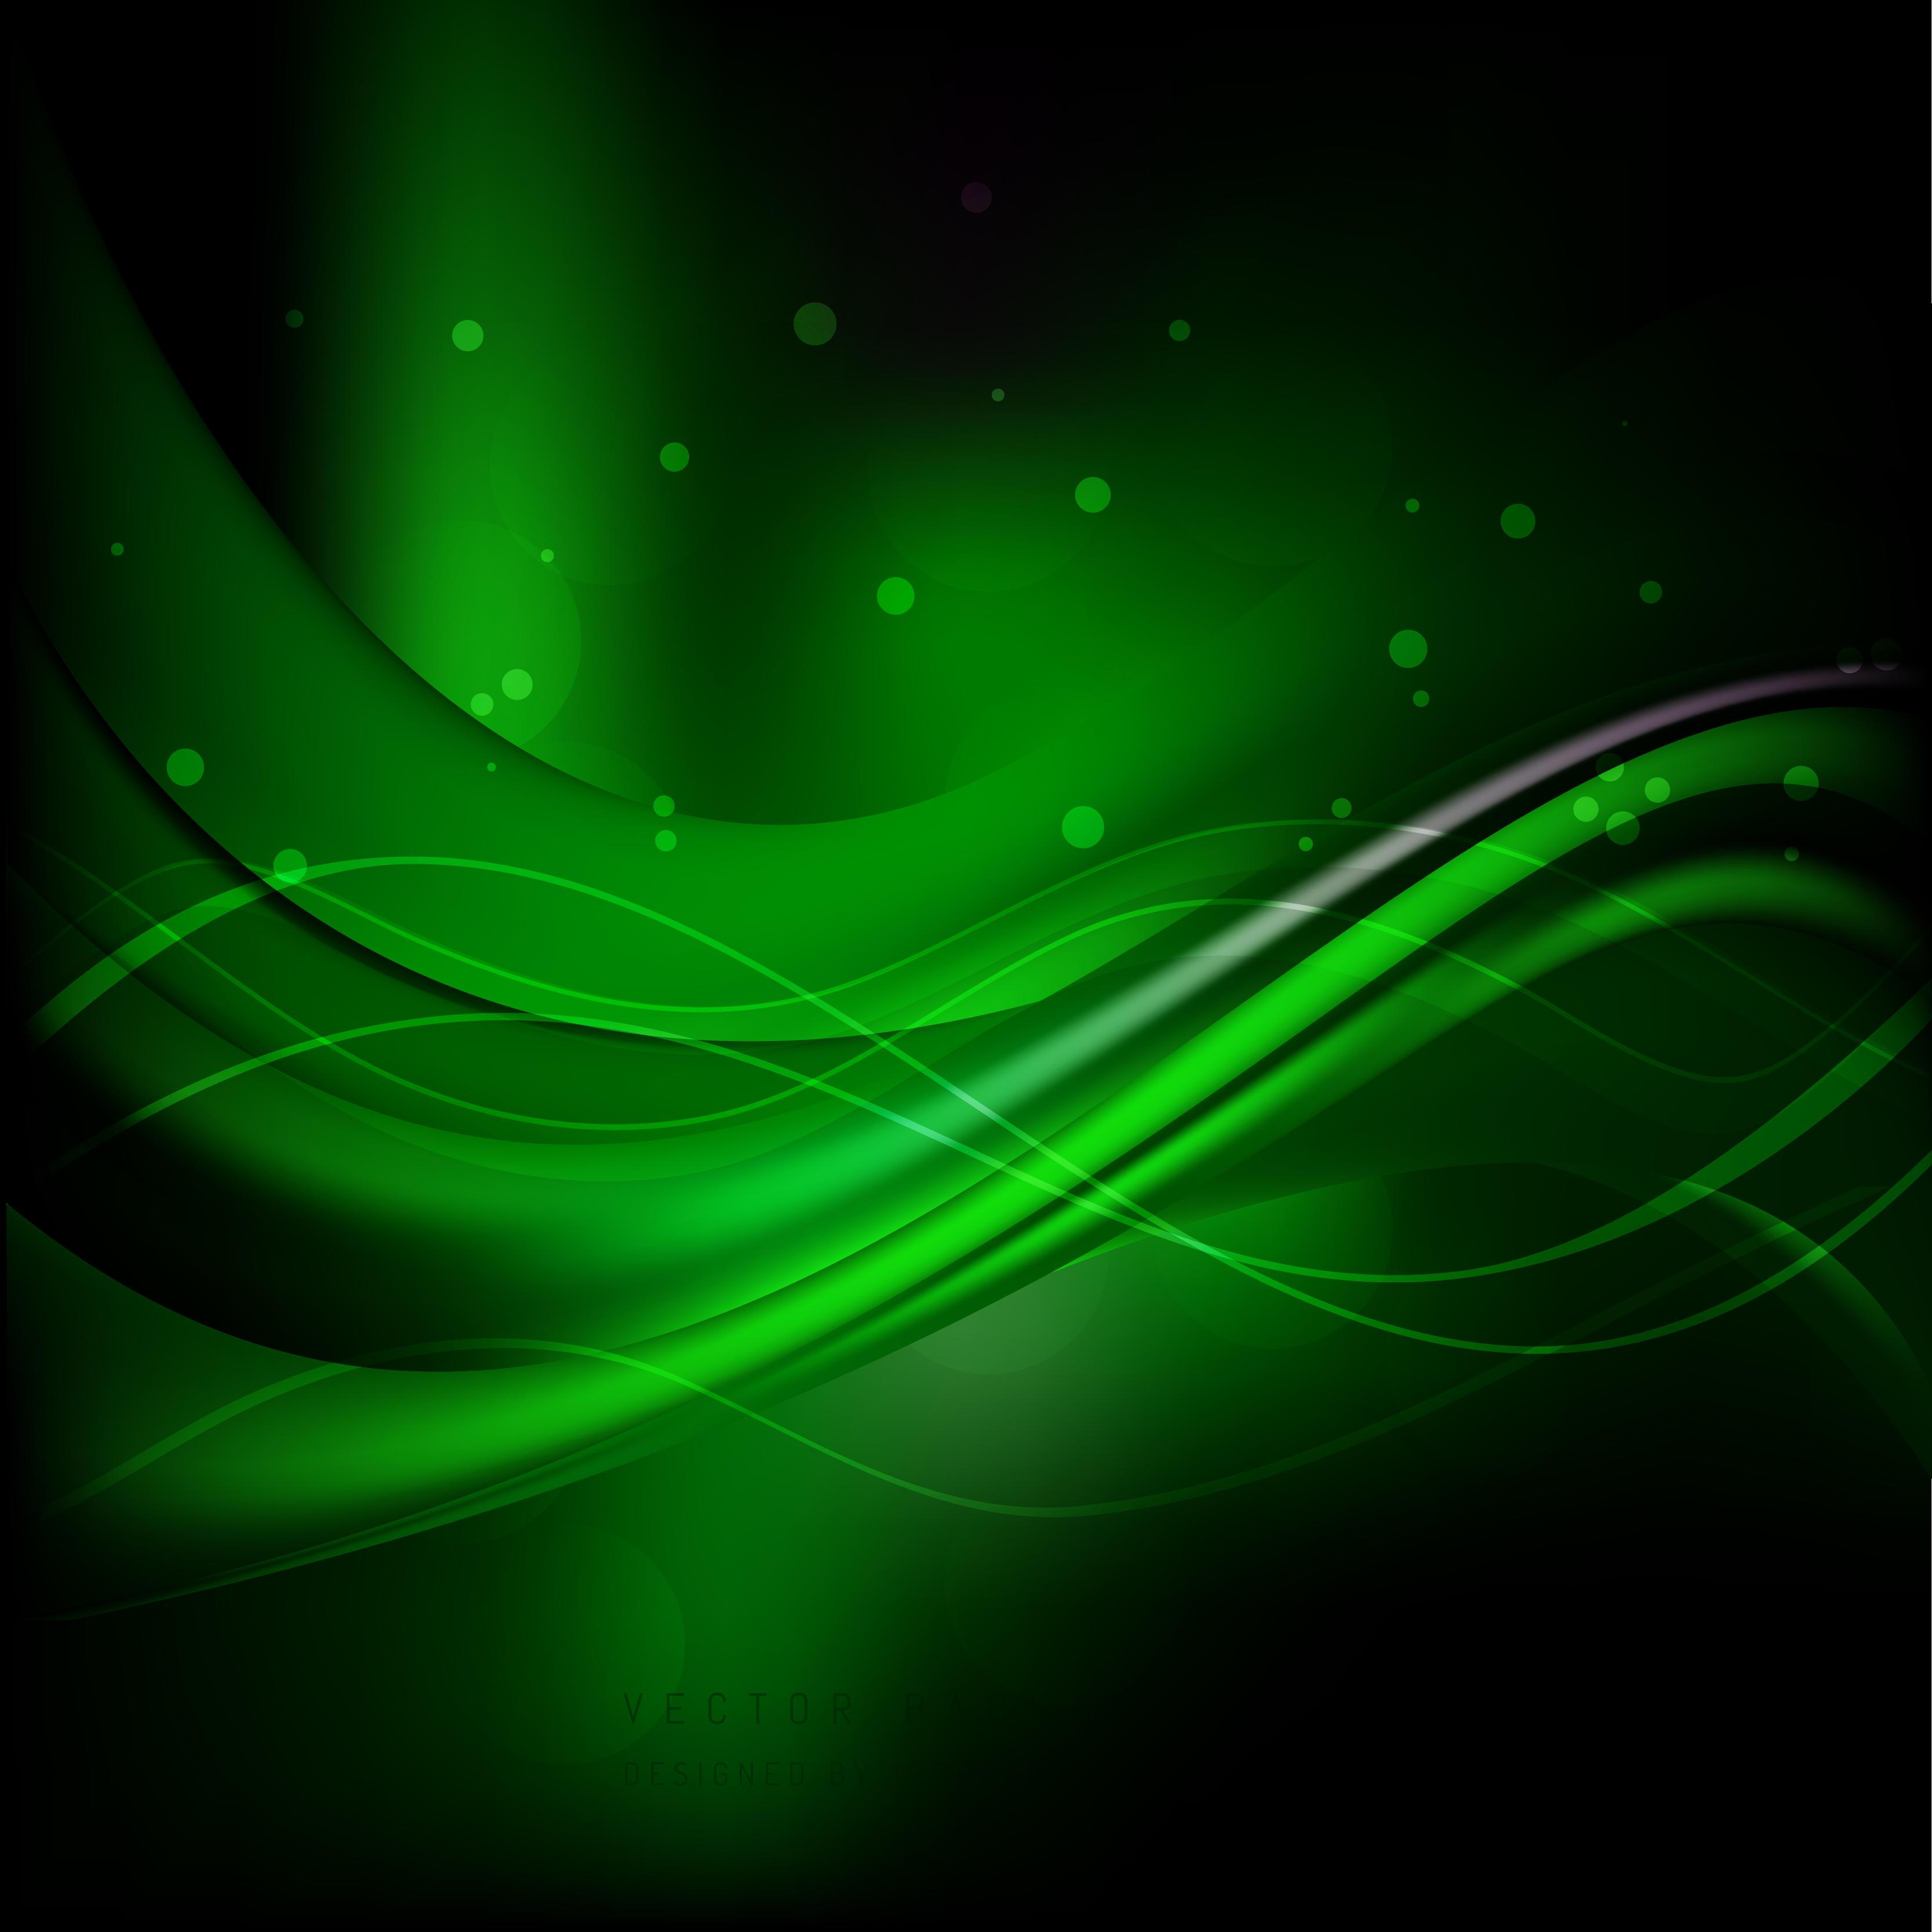 Black Green Wave Background Design